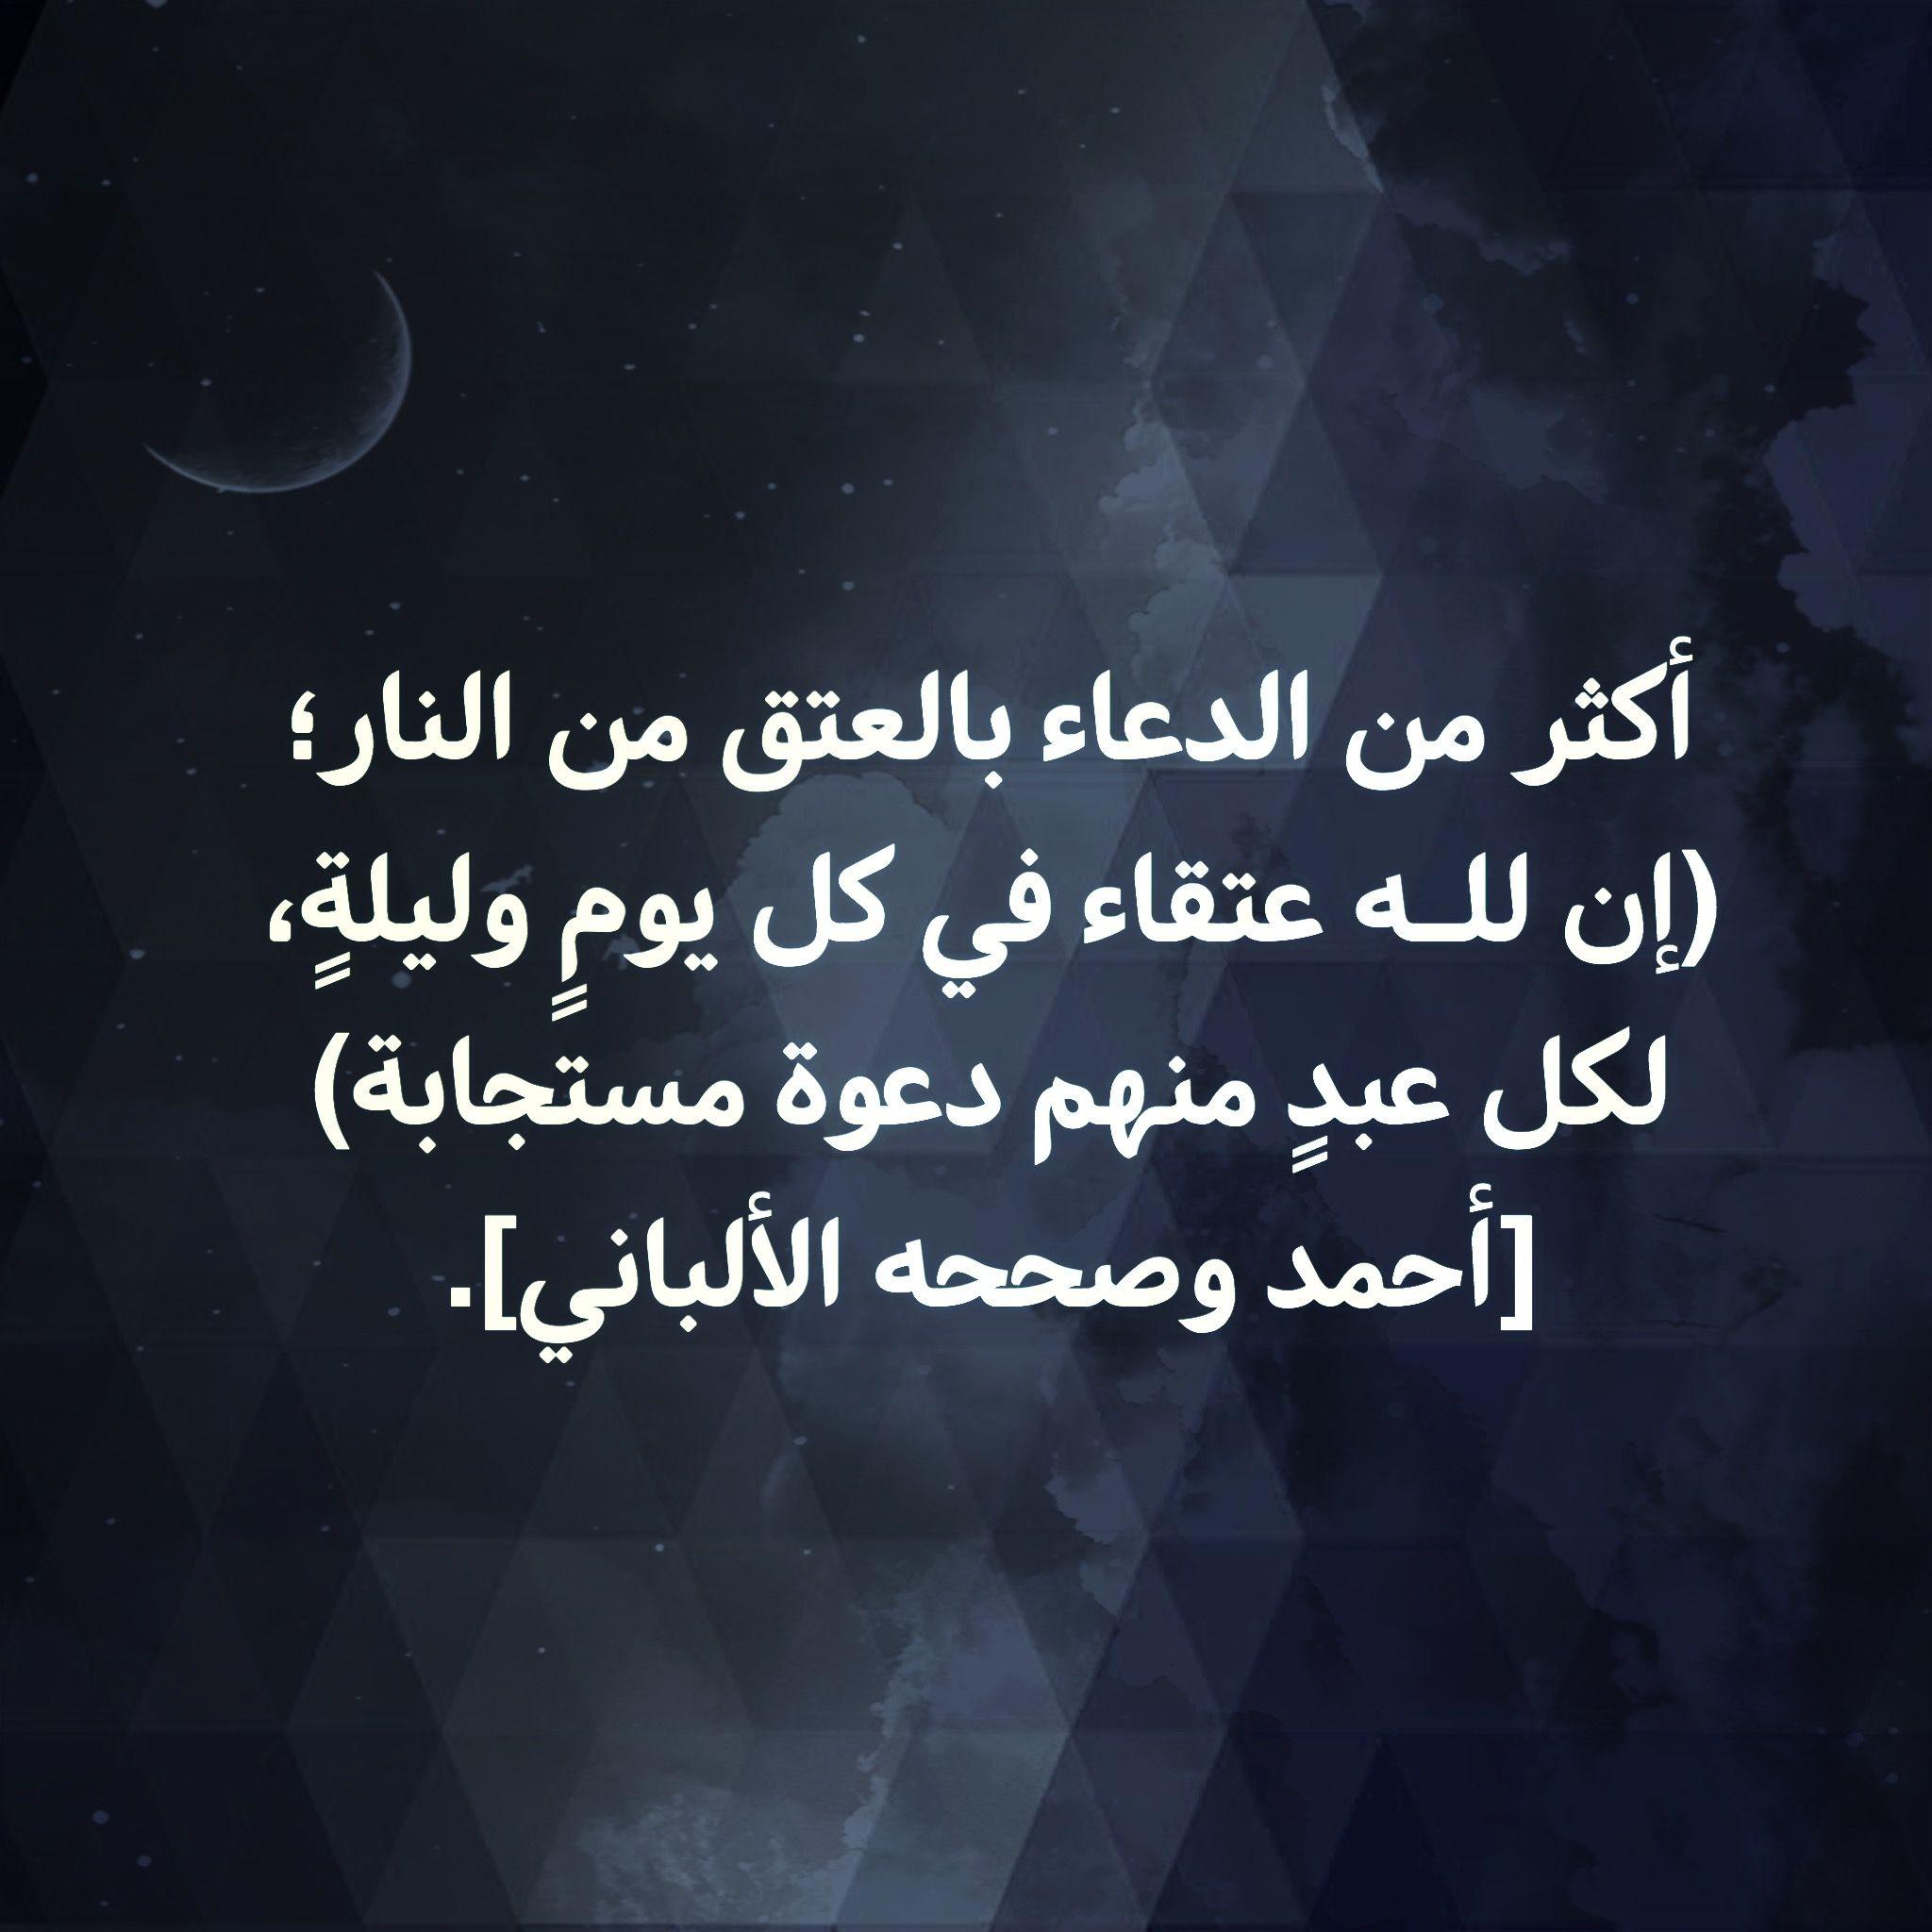 ليلة القدر اللهم اعتق رقابنا ورقاب والدينا وقرابتنا ومحبينا ومن نحب والمسلمين جميعا من النار Islamic Quotes Ramadan Holy Quran